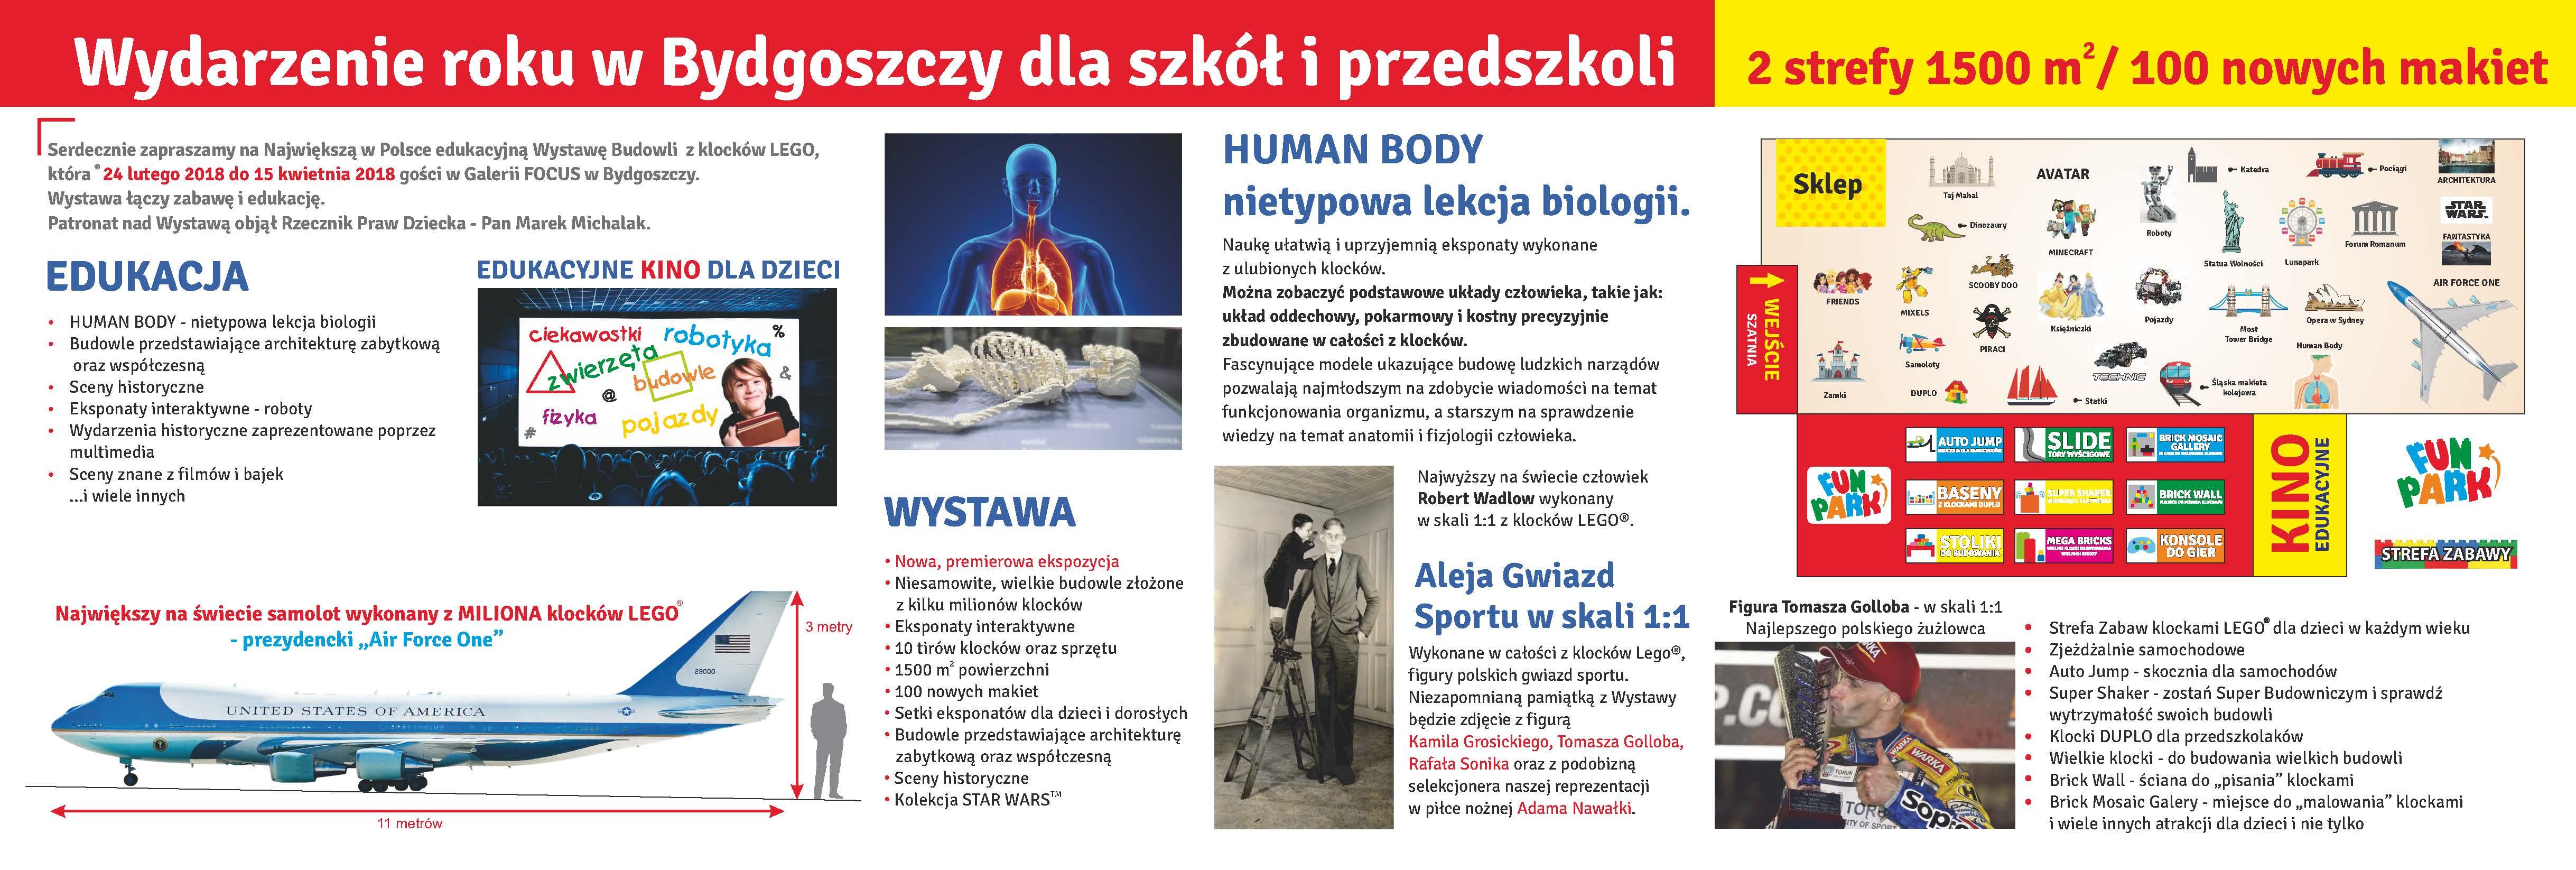 Tryptyk_BYDGOSZCZ-WWW_Strona_2